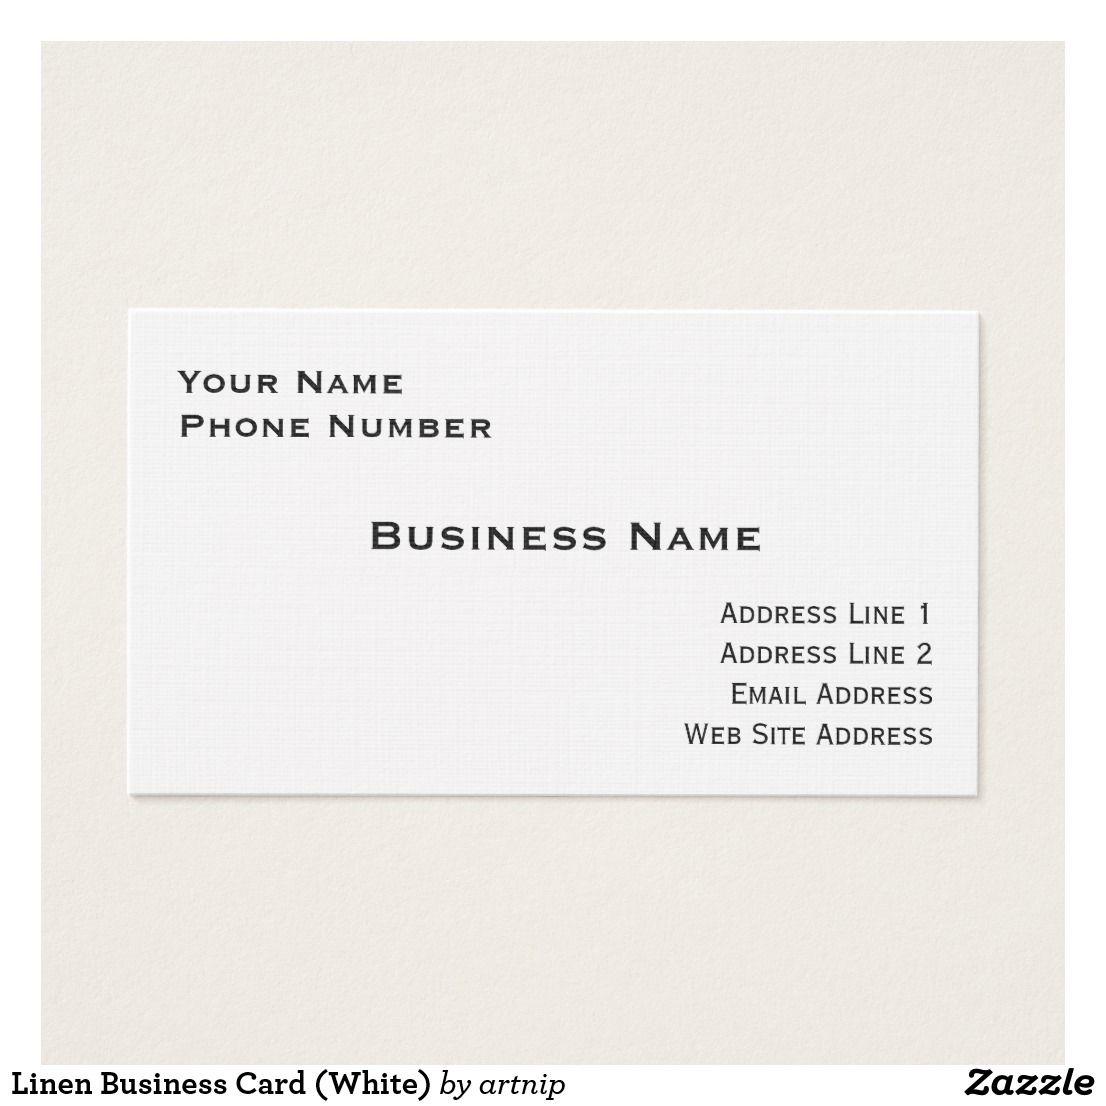 Linen Business Card White Zazzle Com Linen Business Cards Business Names Business Cards